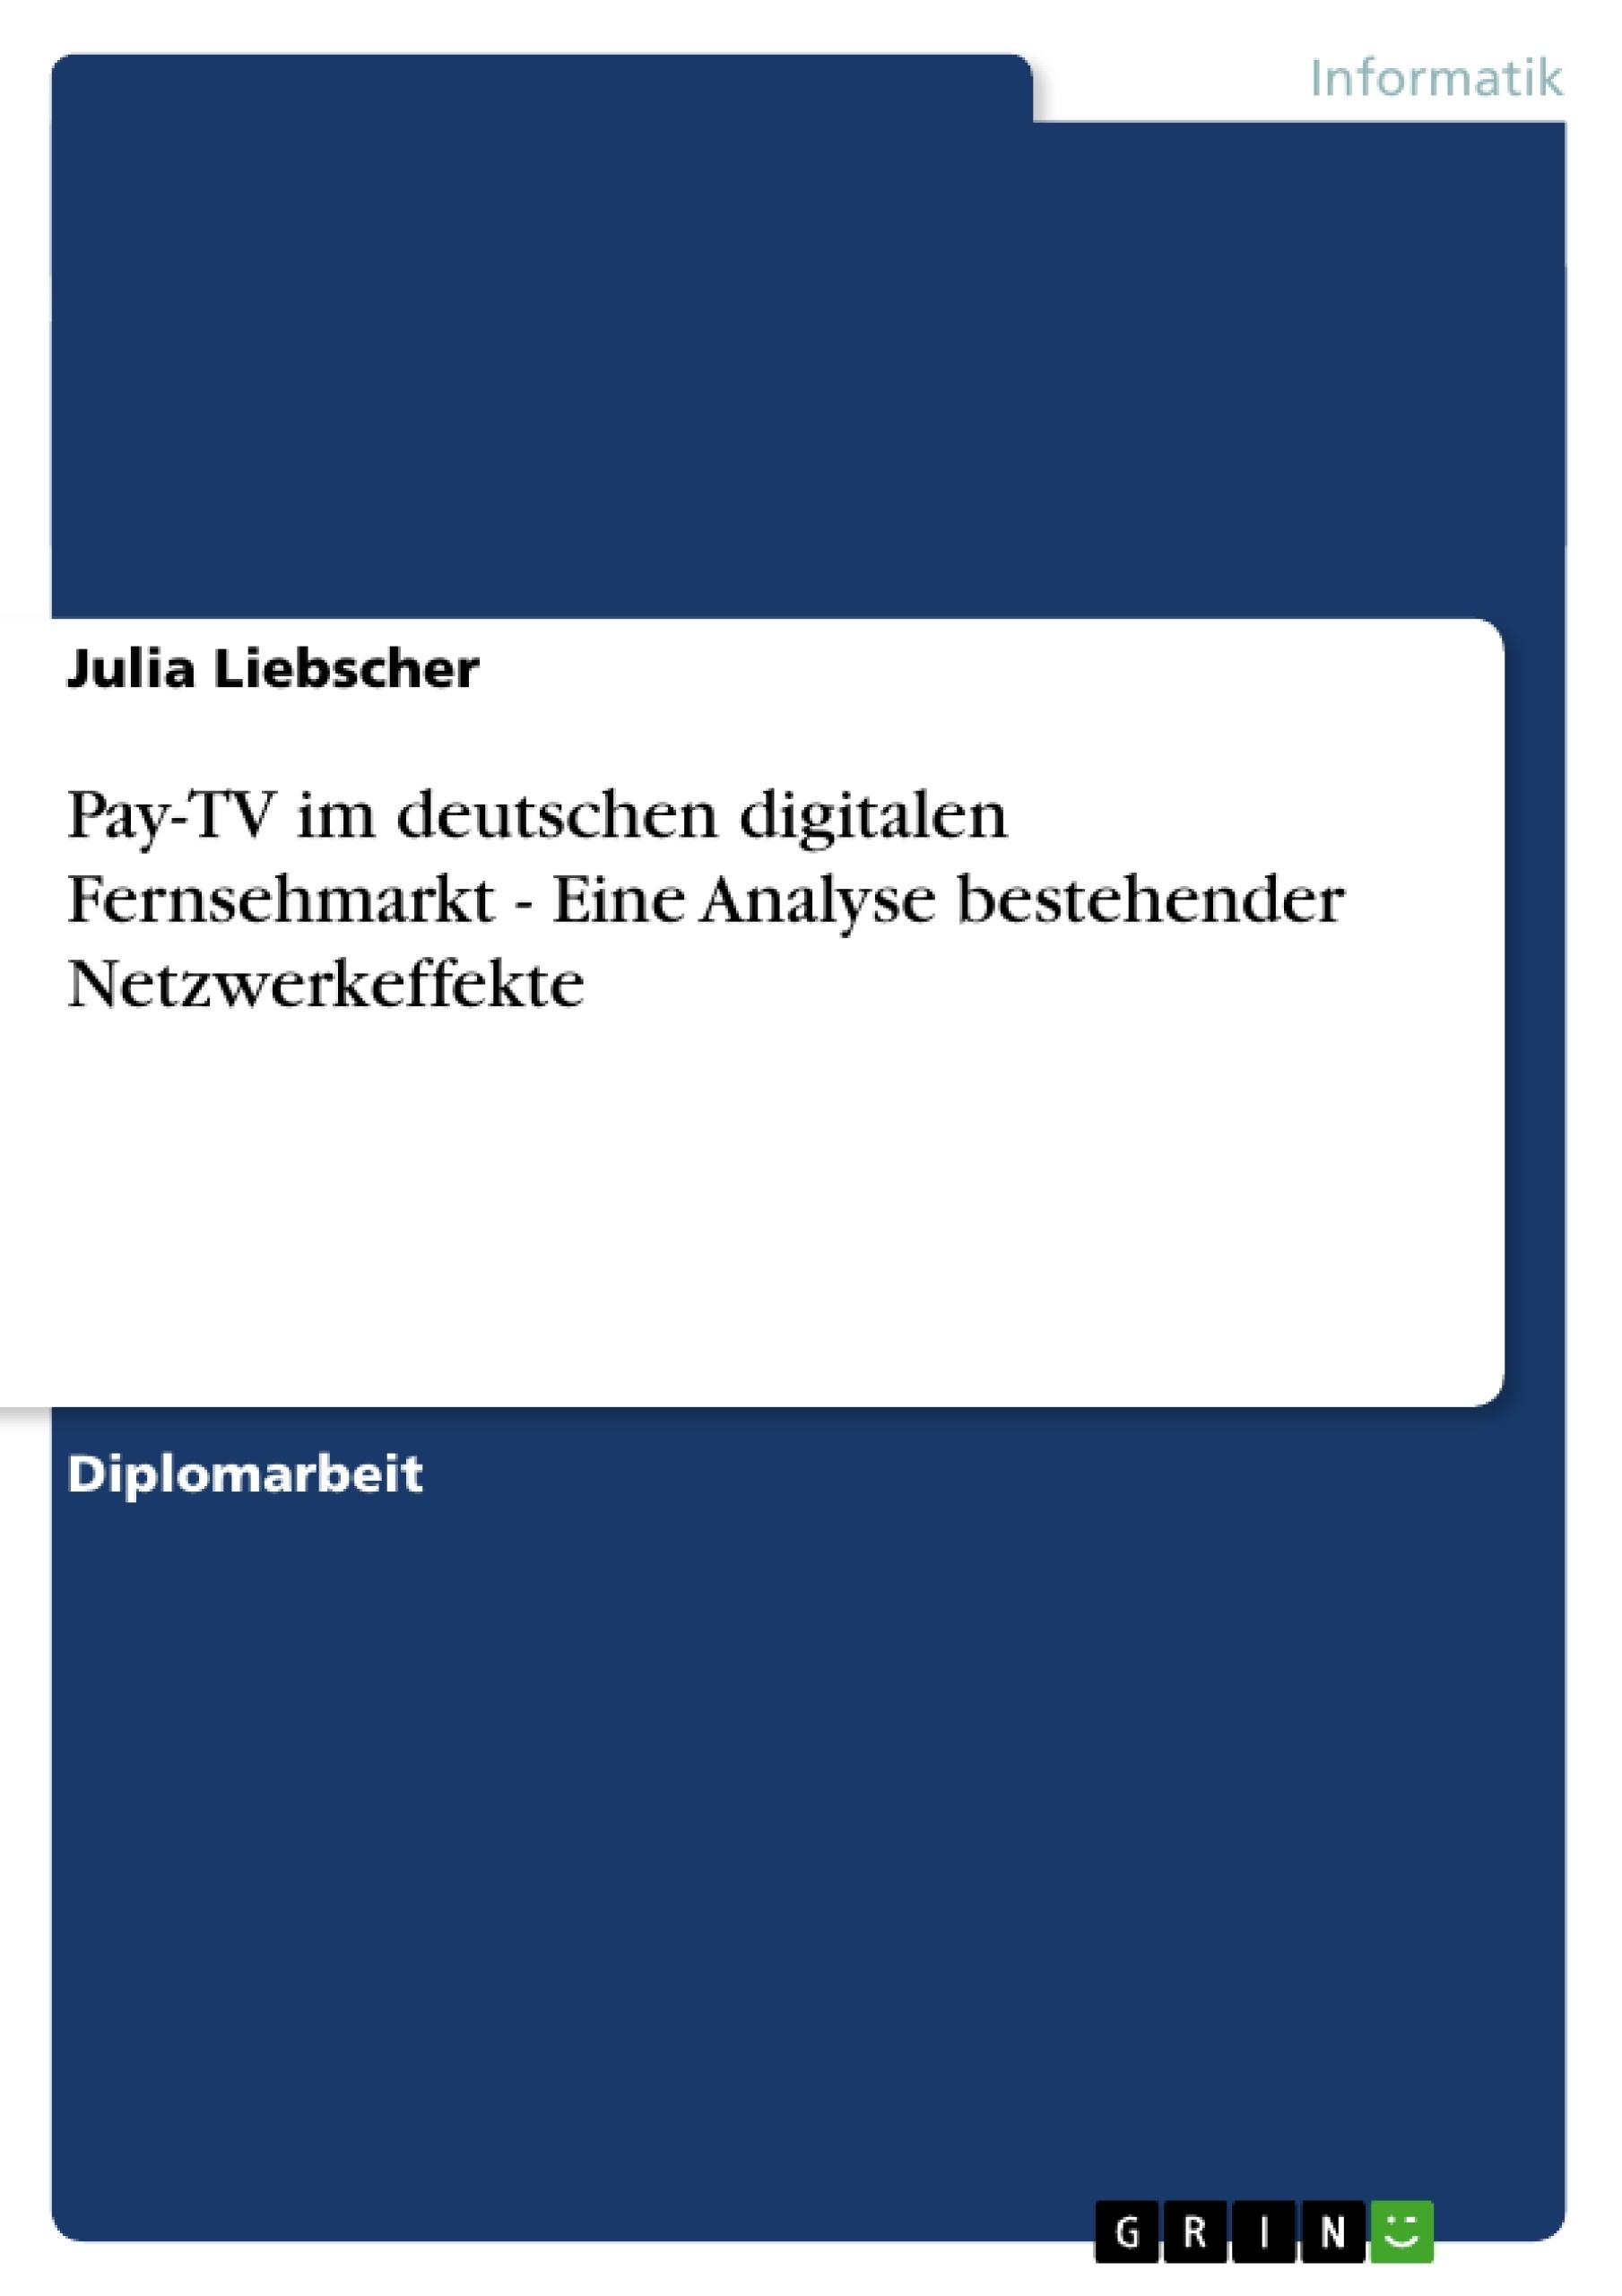 Titel: Pay-TV im deutschen digitalen Fernsehmarkt - Eine Analyse bestehender Netzwerkeffekte